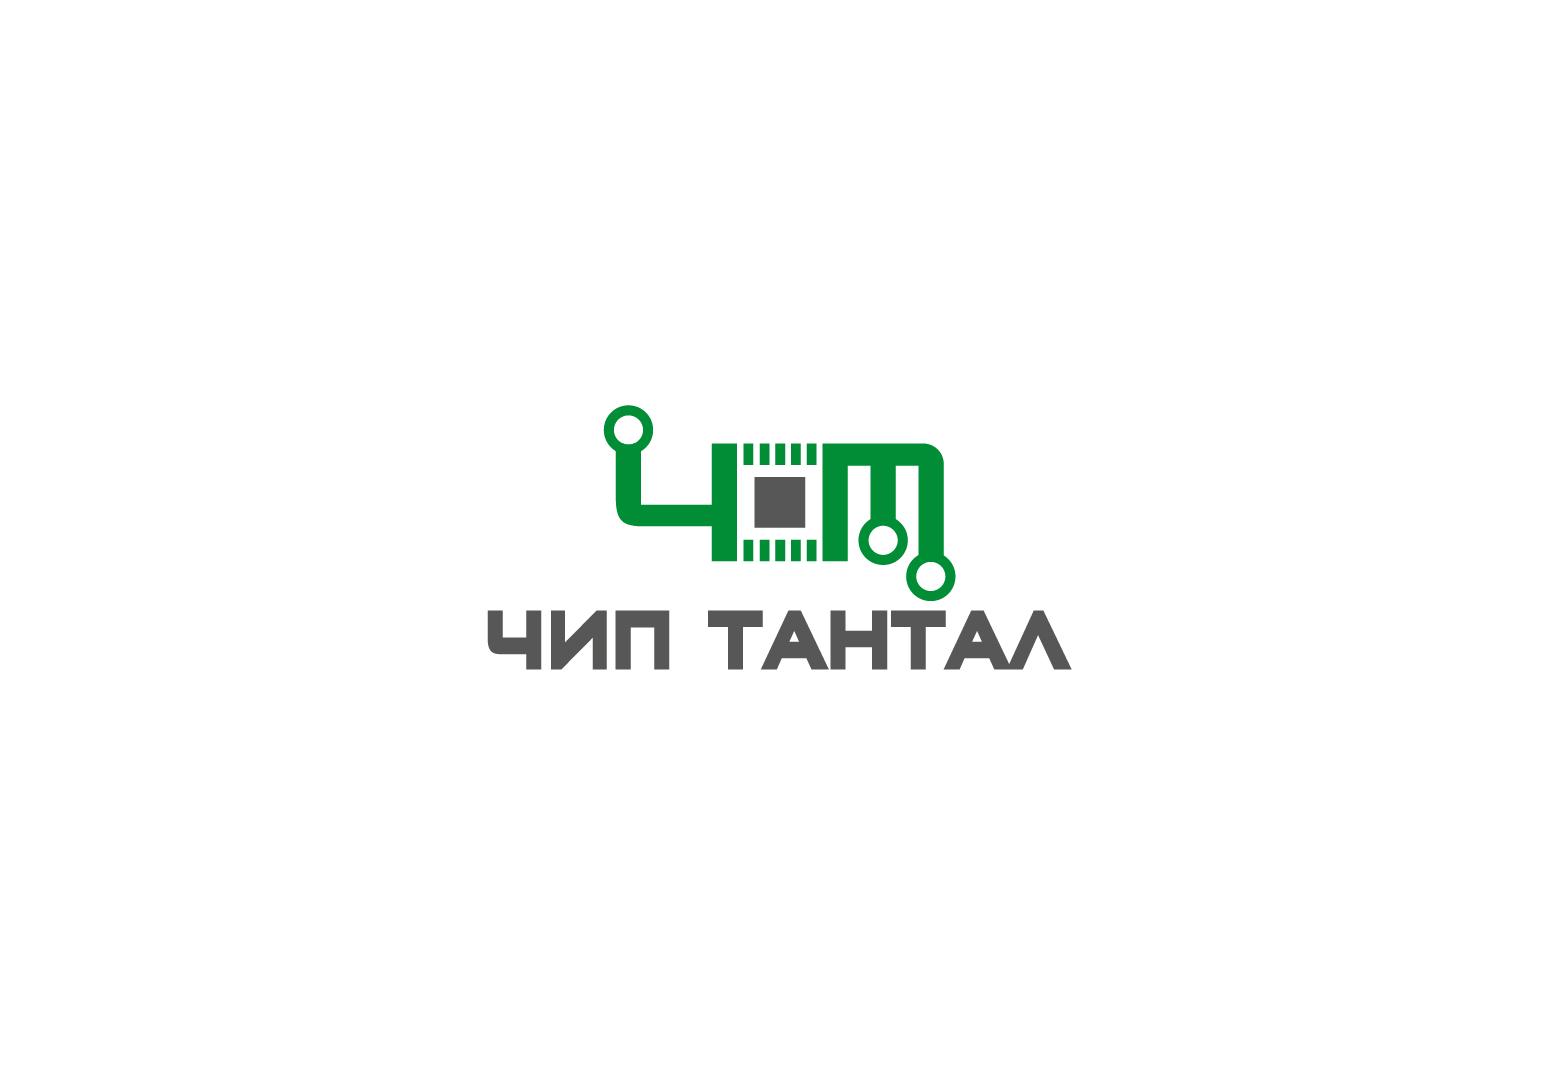 Логотип + Дизайн настольного календаря фото f_3835a26c3a1429d2.jpg